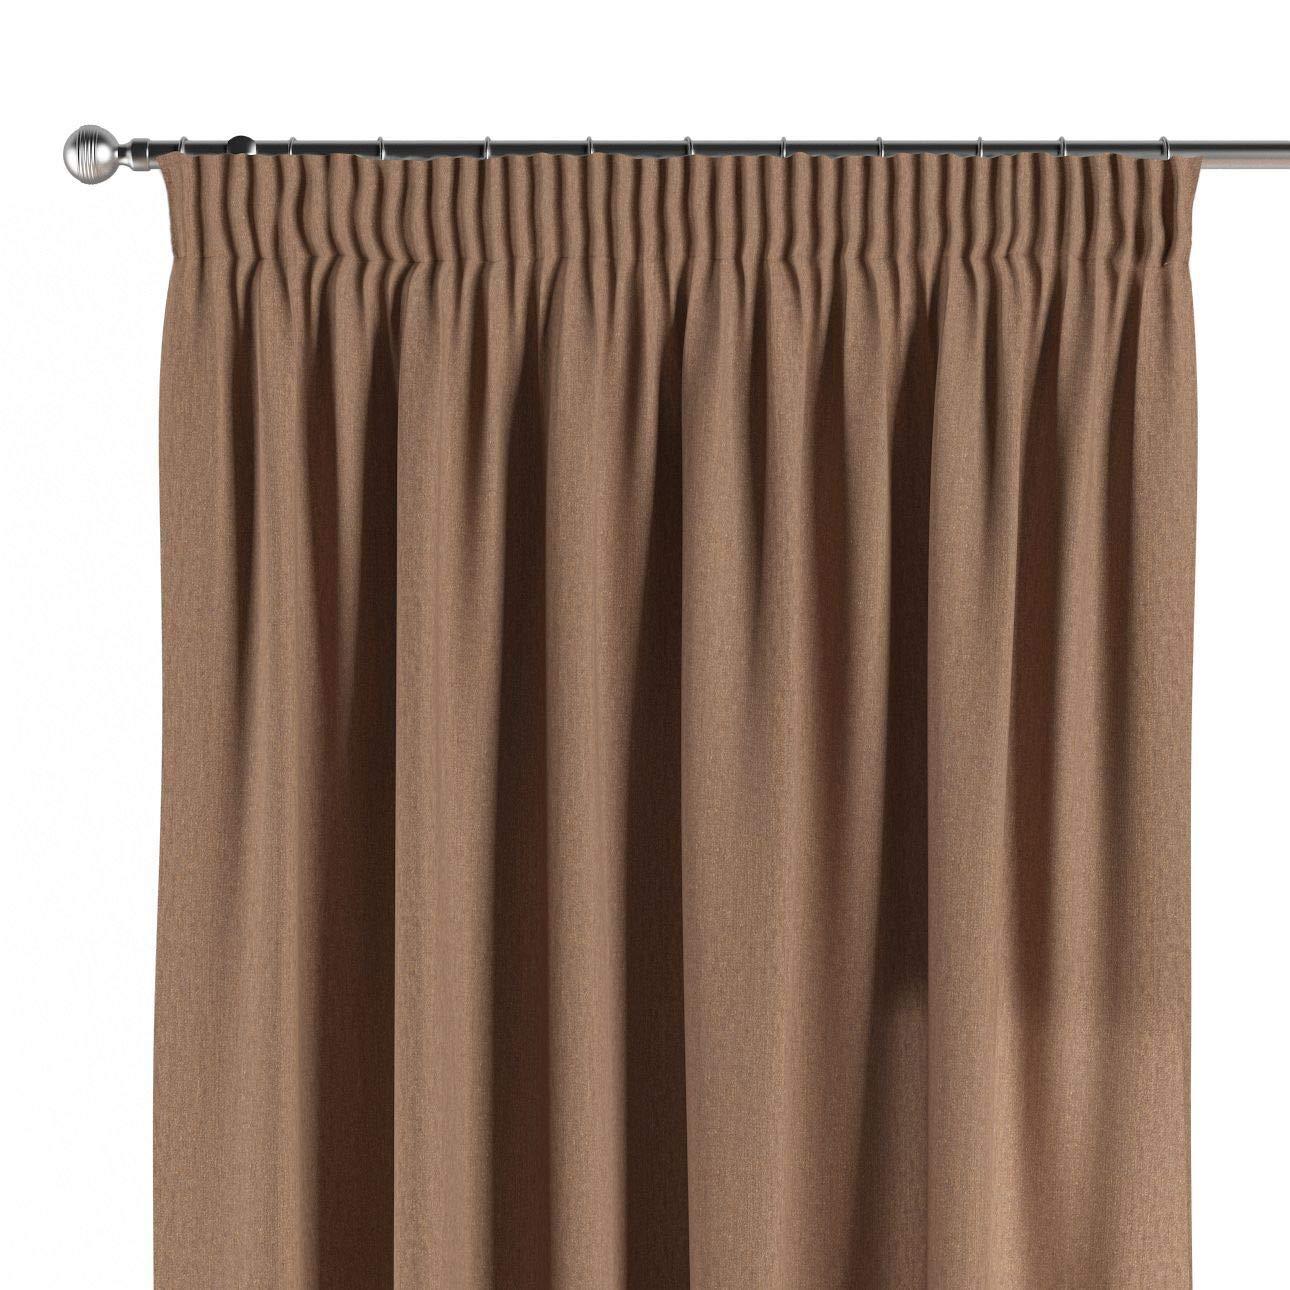 Dekoria Vorhang mit Kräuselband Dekoschal Blickdicht 1 Stck. 130 × 260 cm Caffe Latte Maßanfertigung möglich